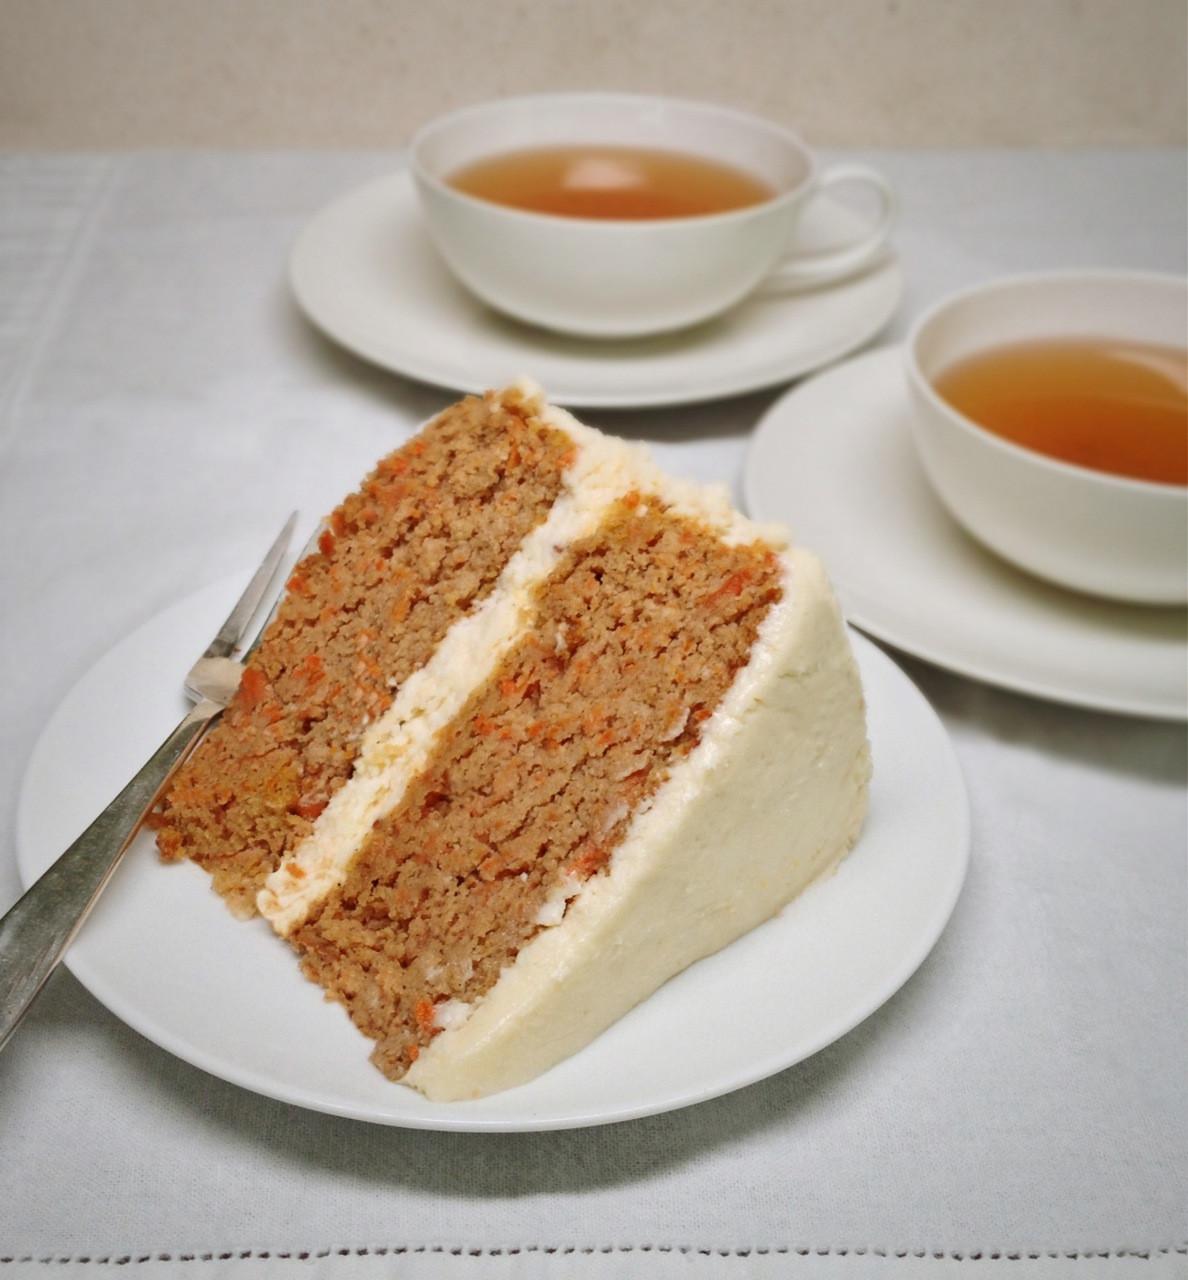 Sugar Free Desserts  Carrot Cake Gluten Free Low Carb Sugar Free Preheat